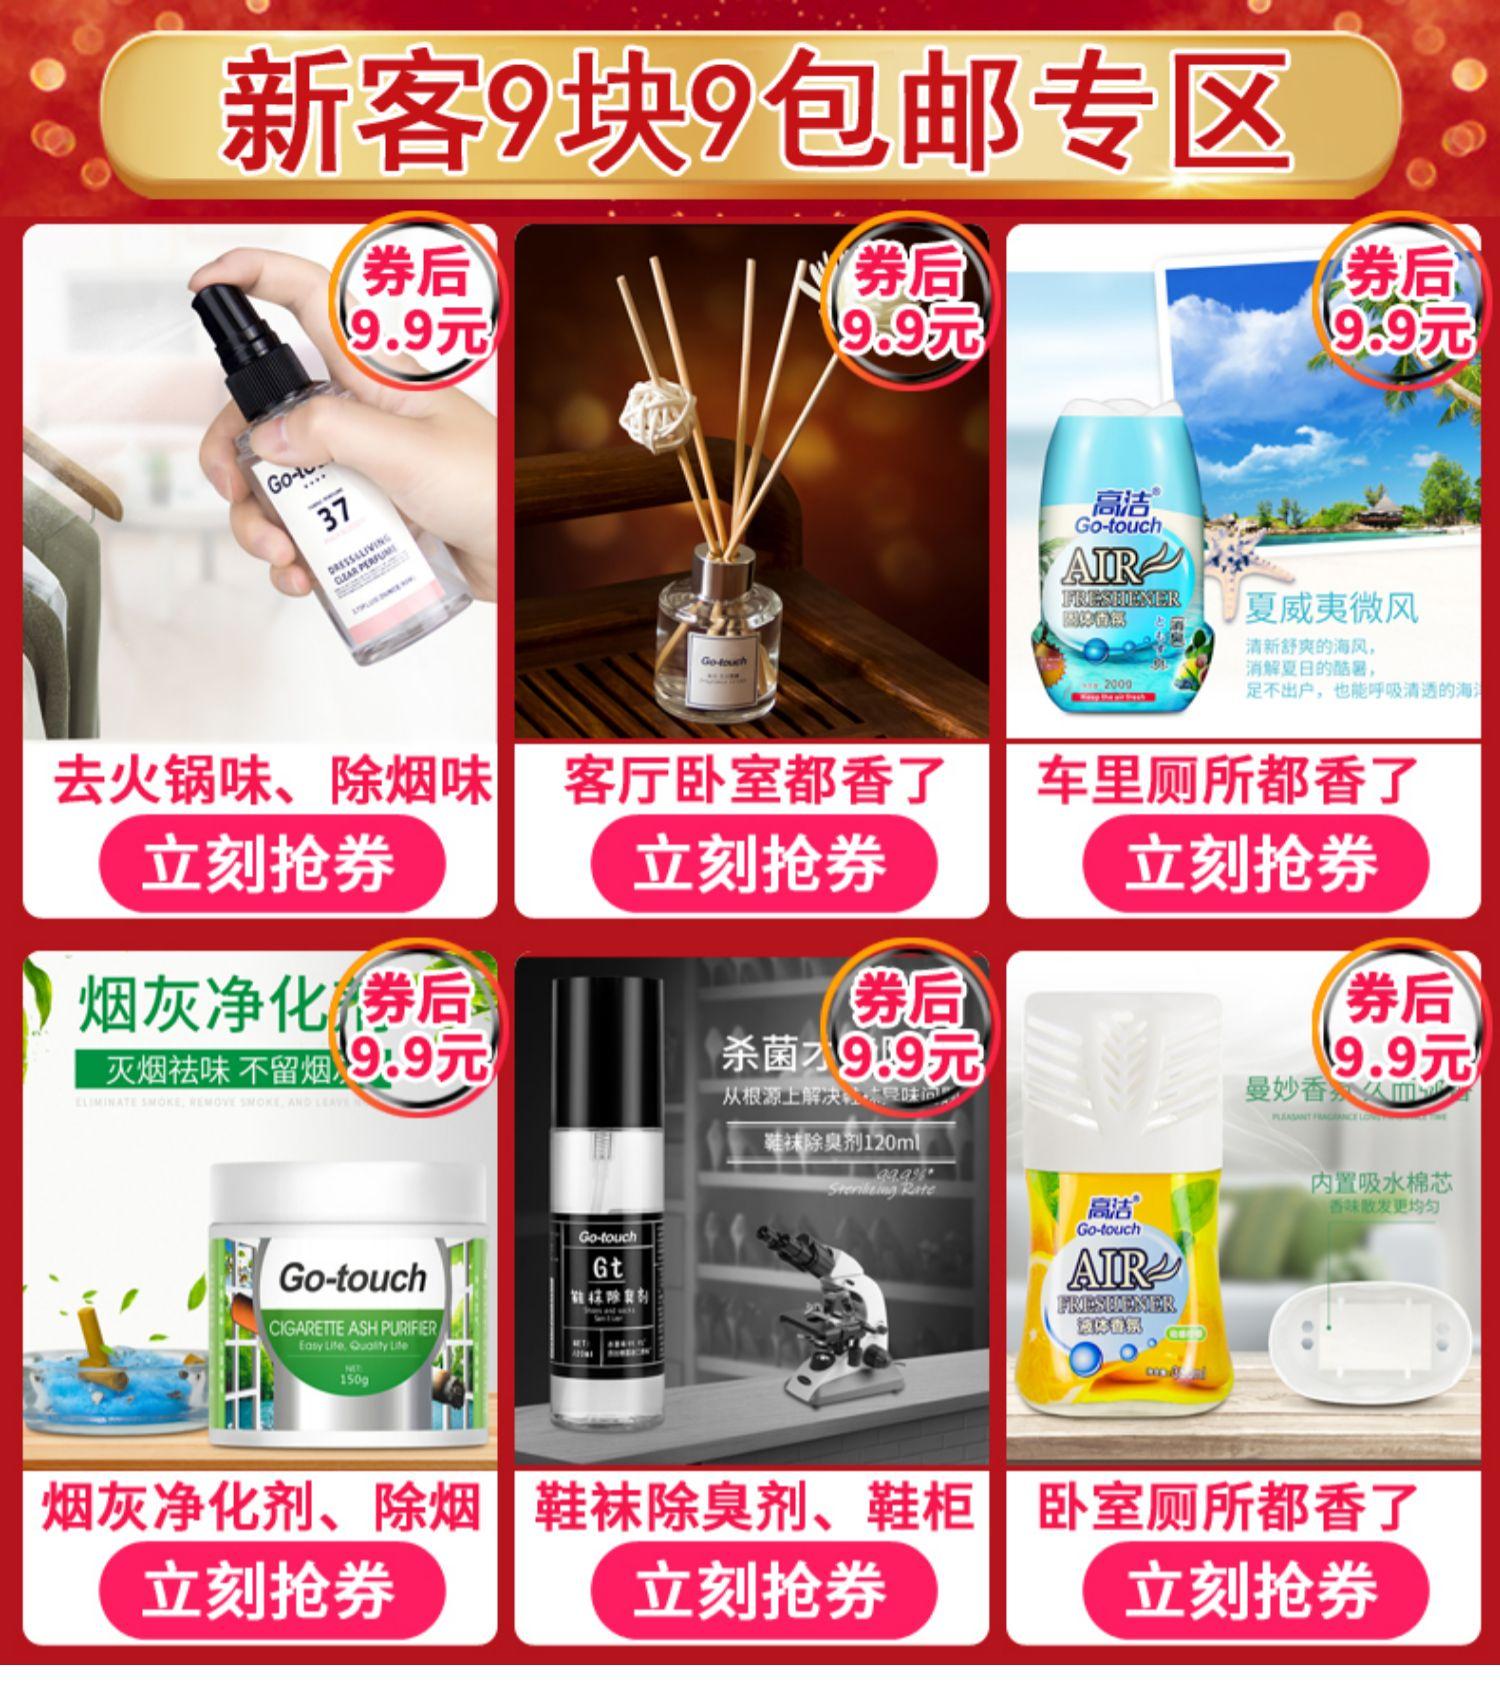 【高洁】空气清新剂固体香膏1盒装 1